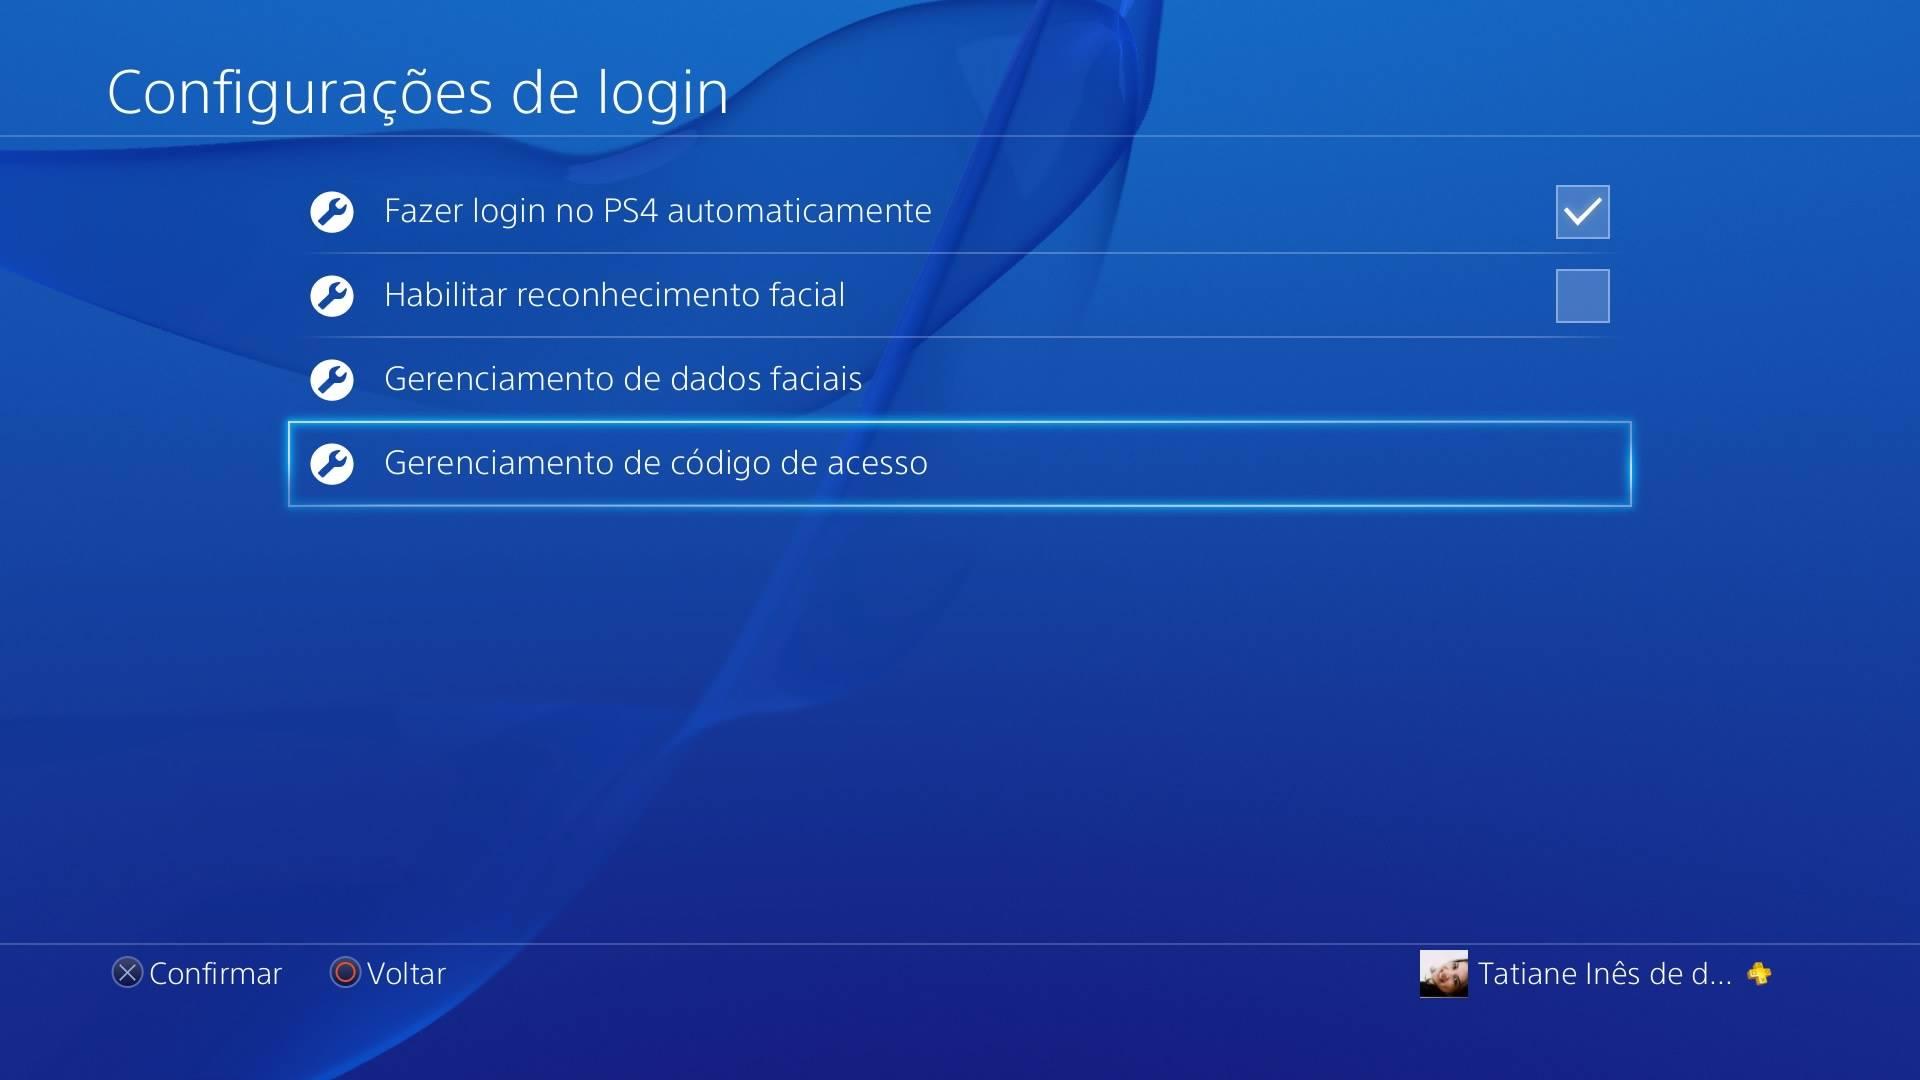 Configurações de login PS4